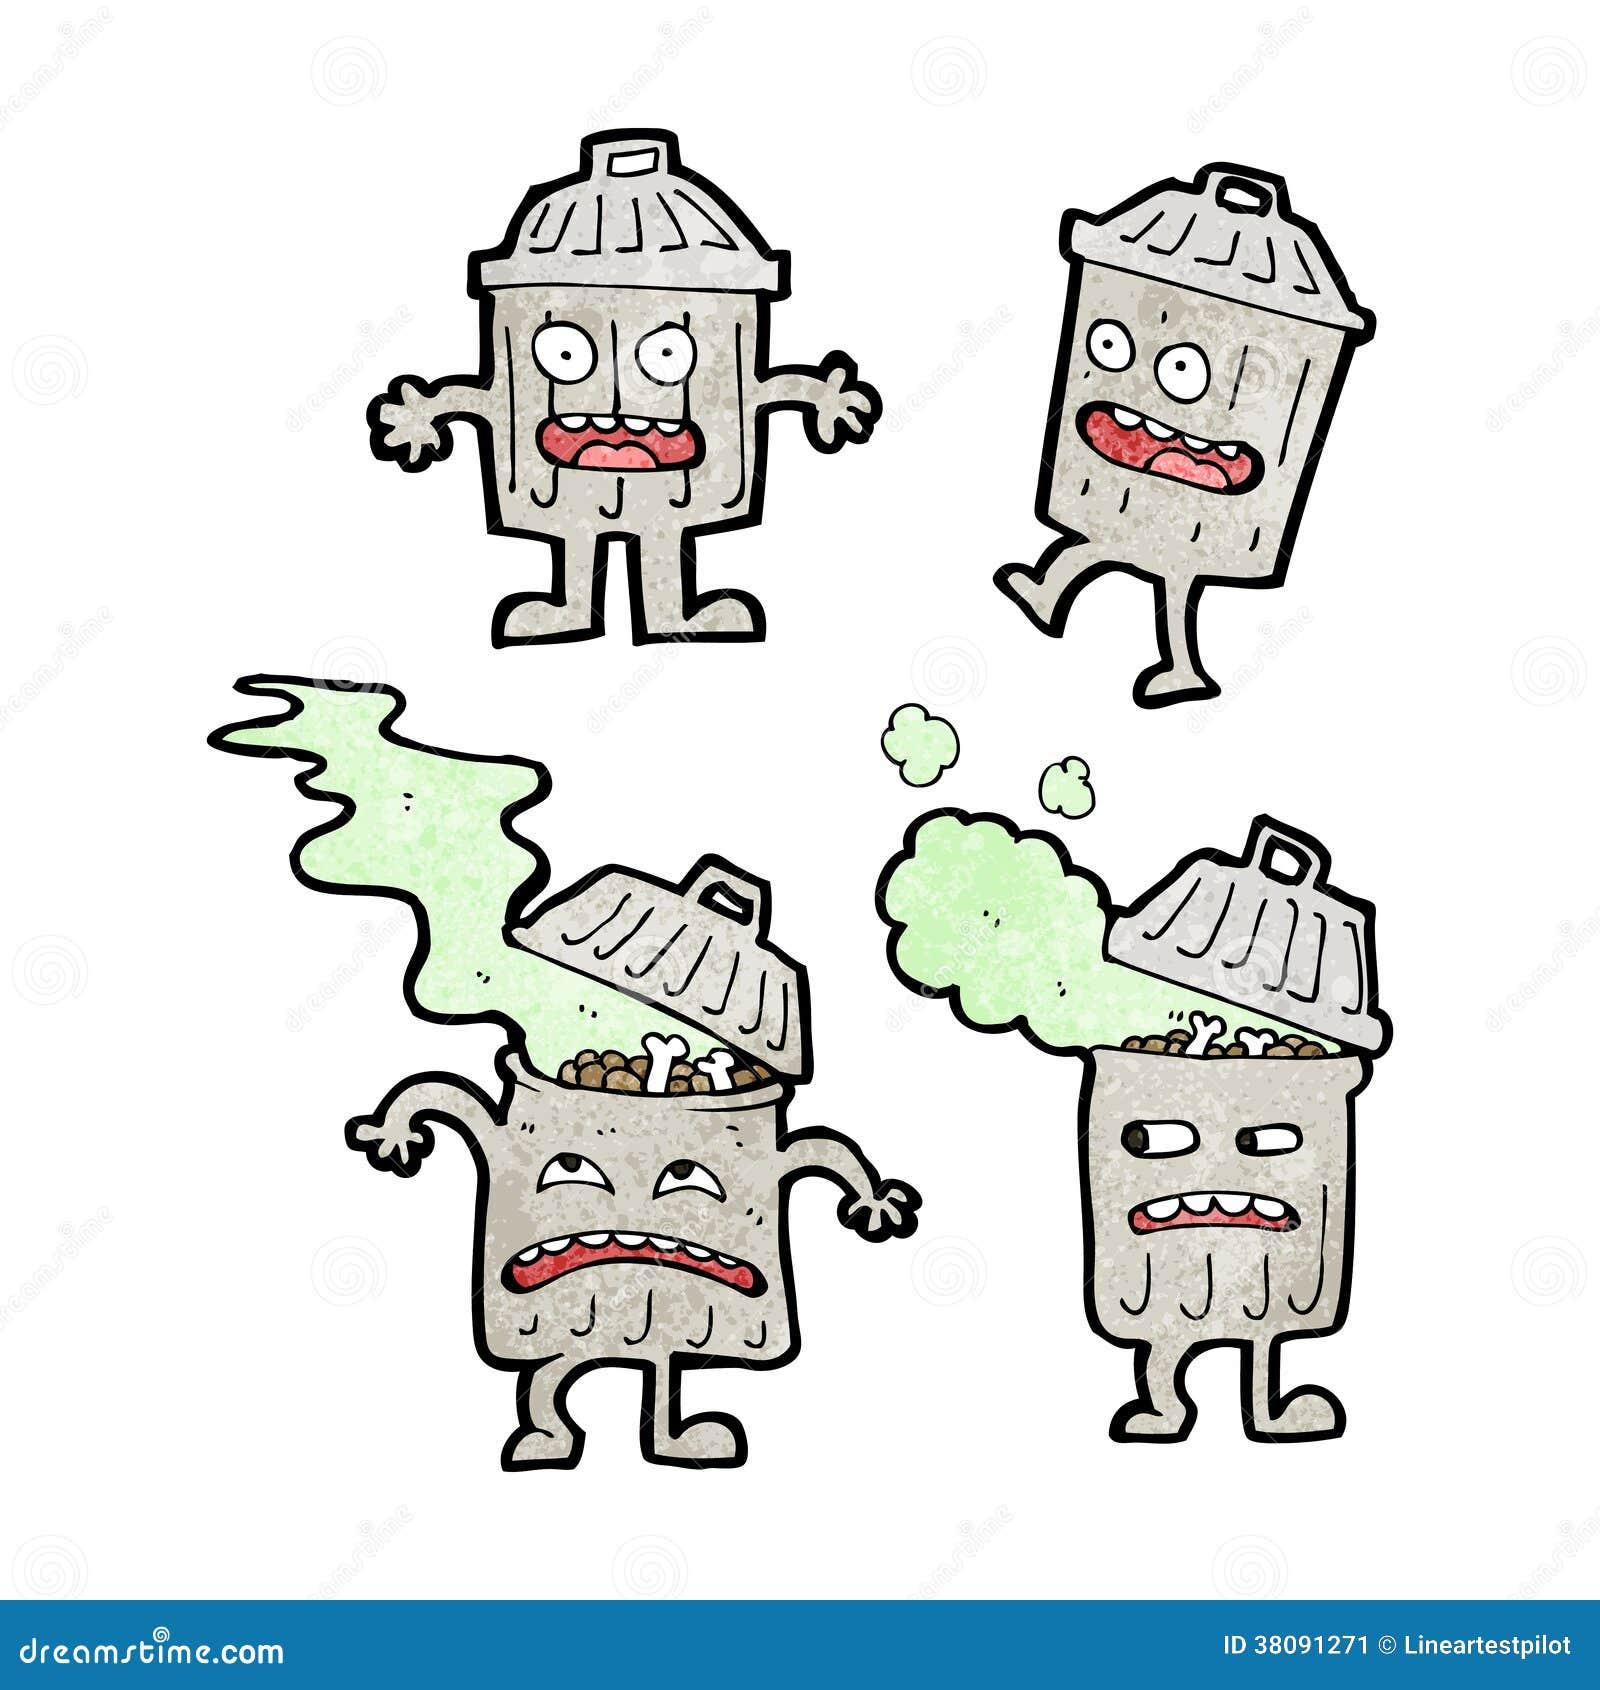 Personnages de dessin anim de poubelle de bande dessin e image stock image 38091271 - Dessin de poubelle ...